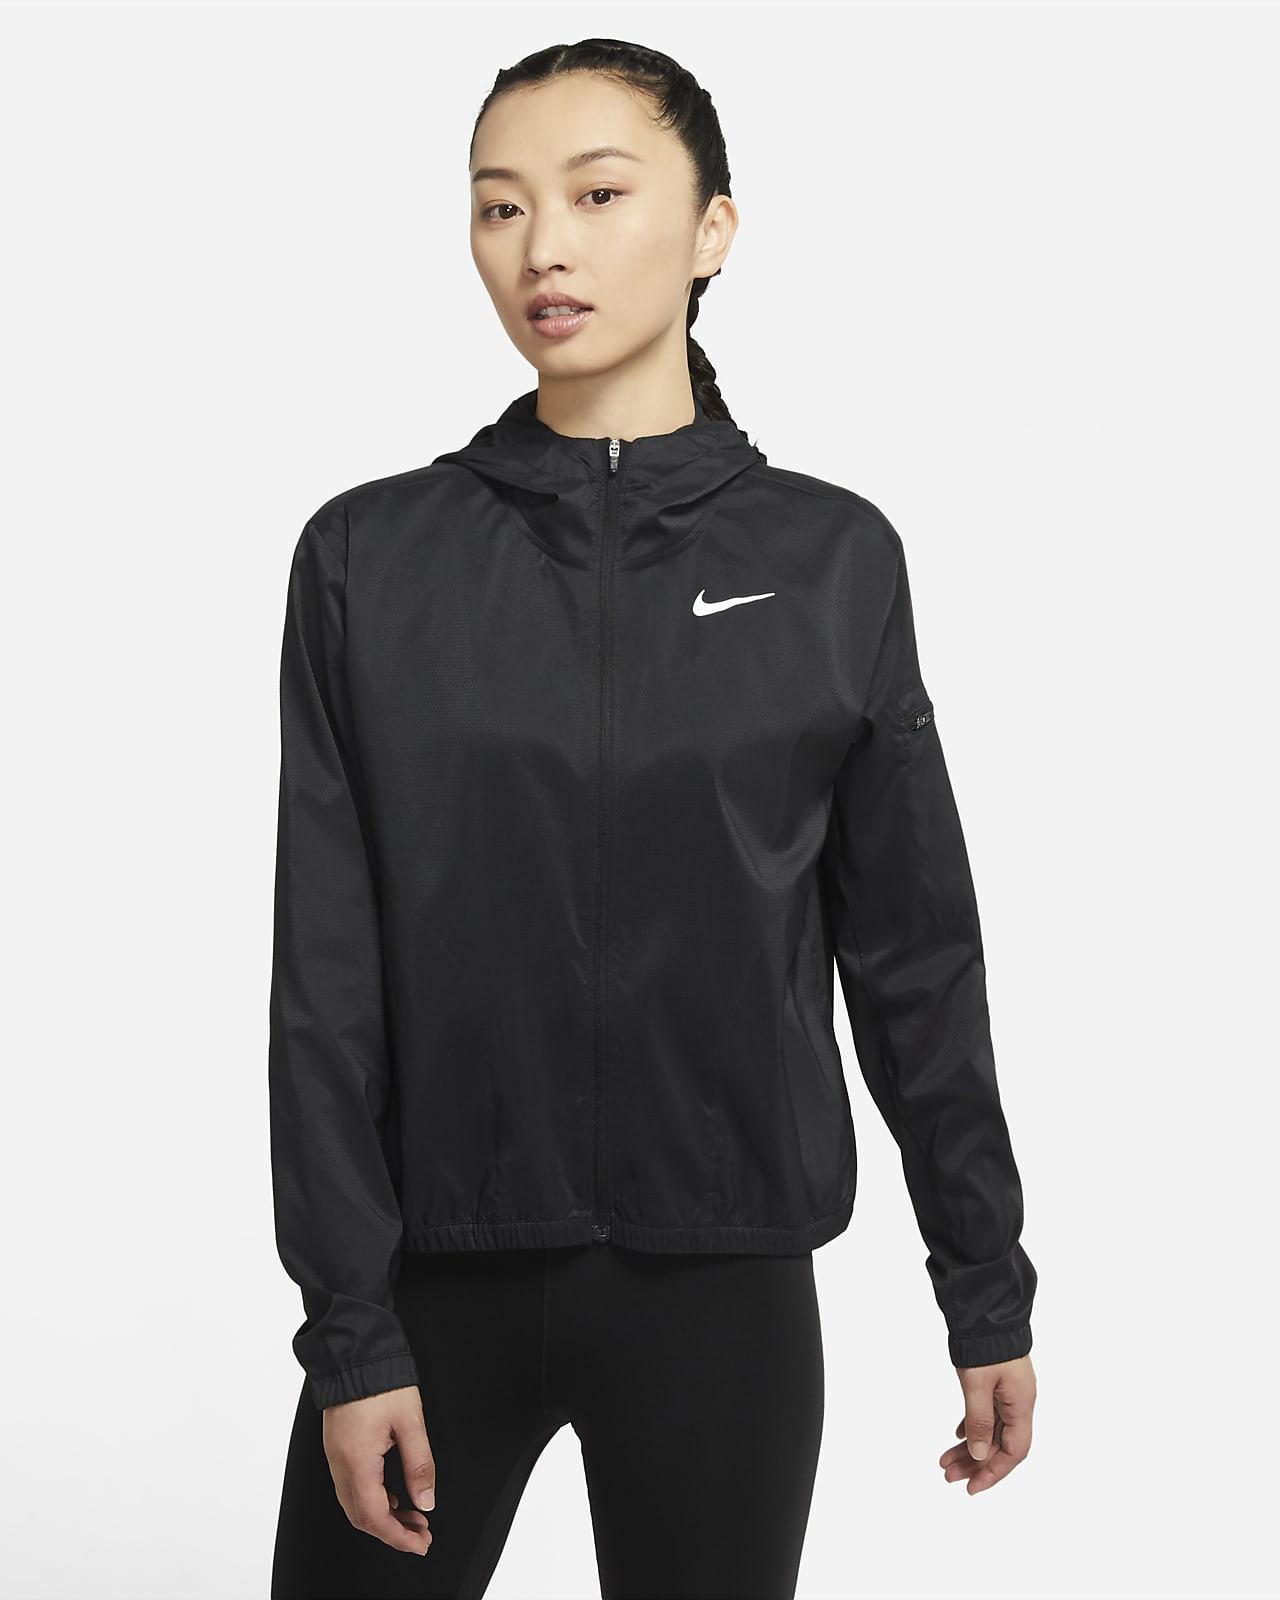 เสื้อแจ็คเก็ตวิ่งมีฮู้ดผู้หญิง Nike Impossibly Light